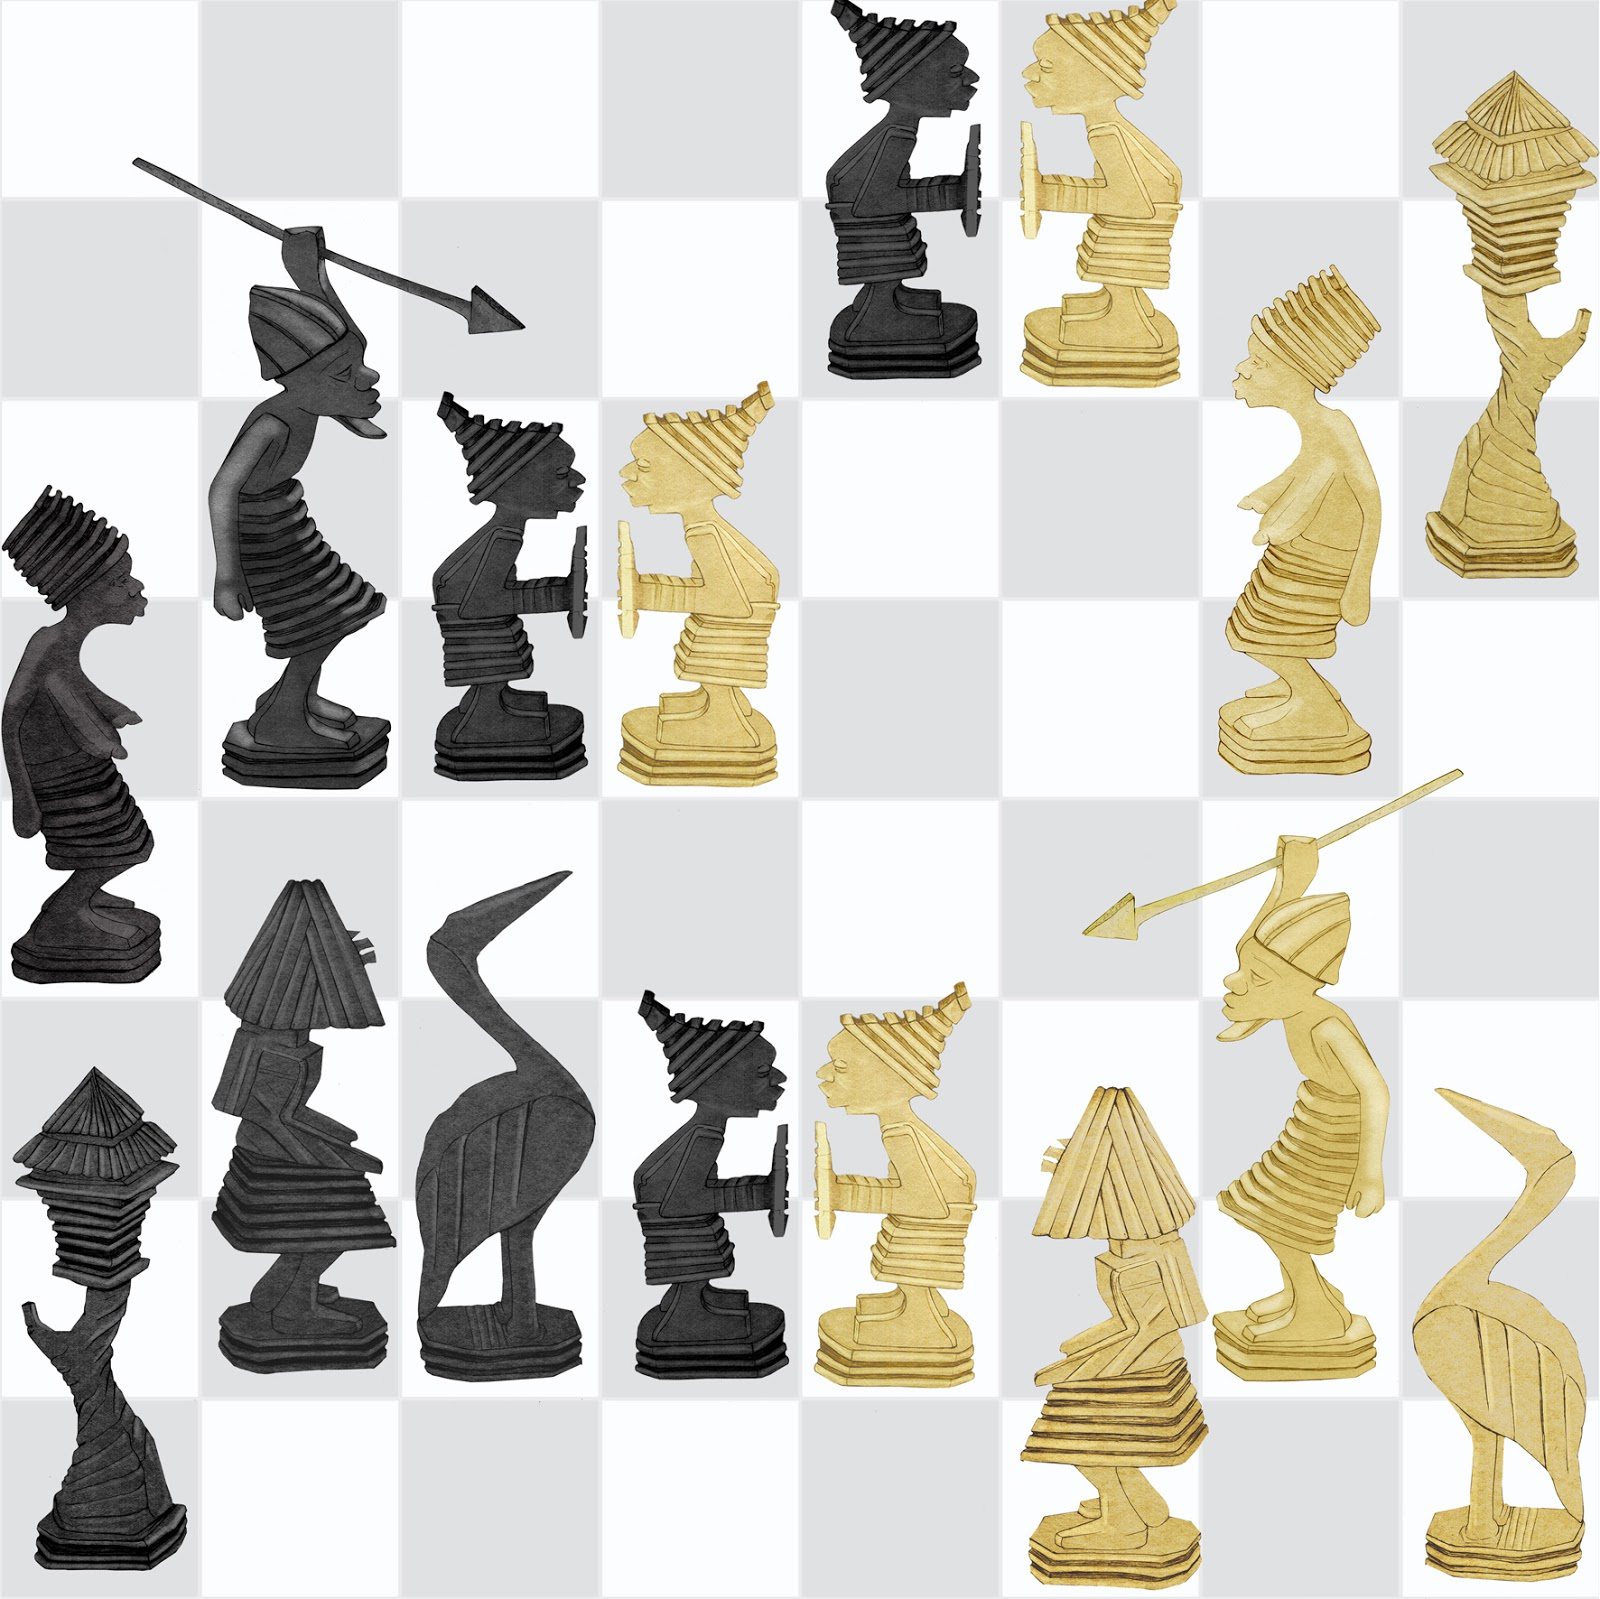 coleccion Carsi, museo etnologia, figuras ajedrez, Congo